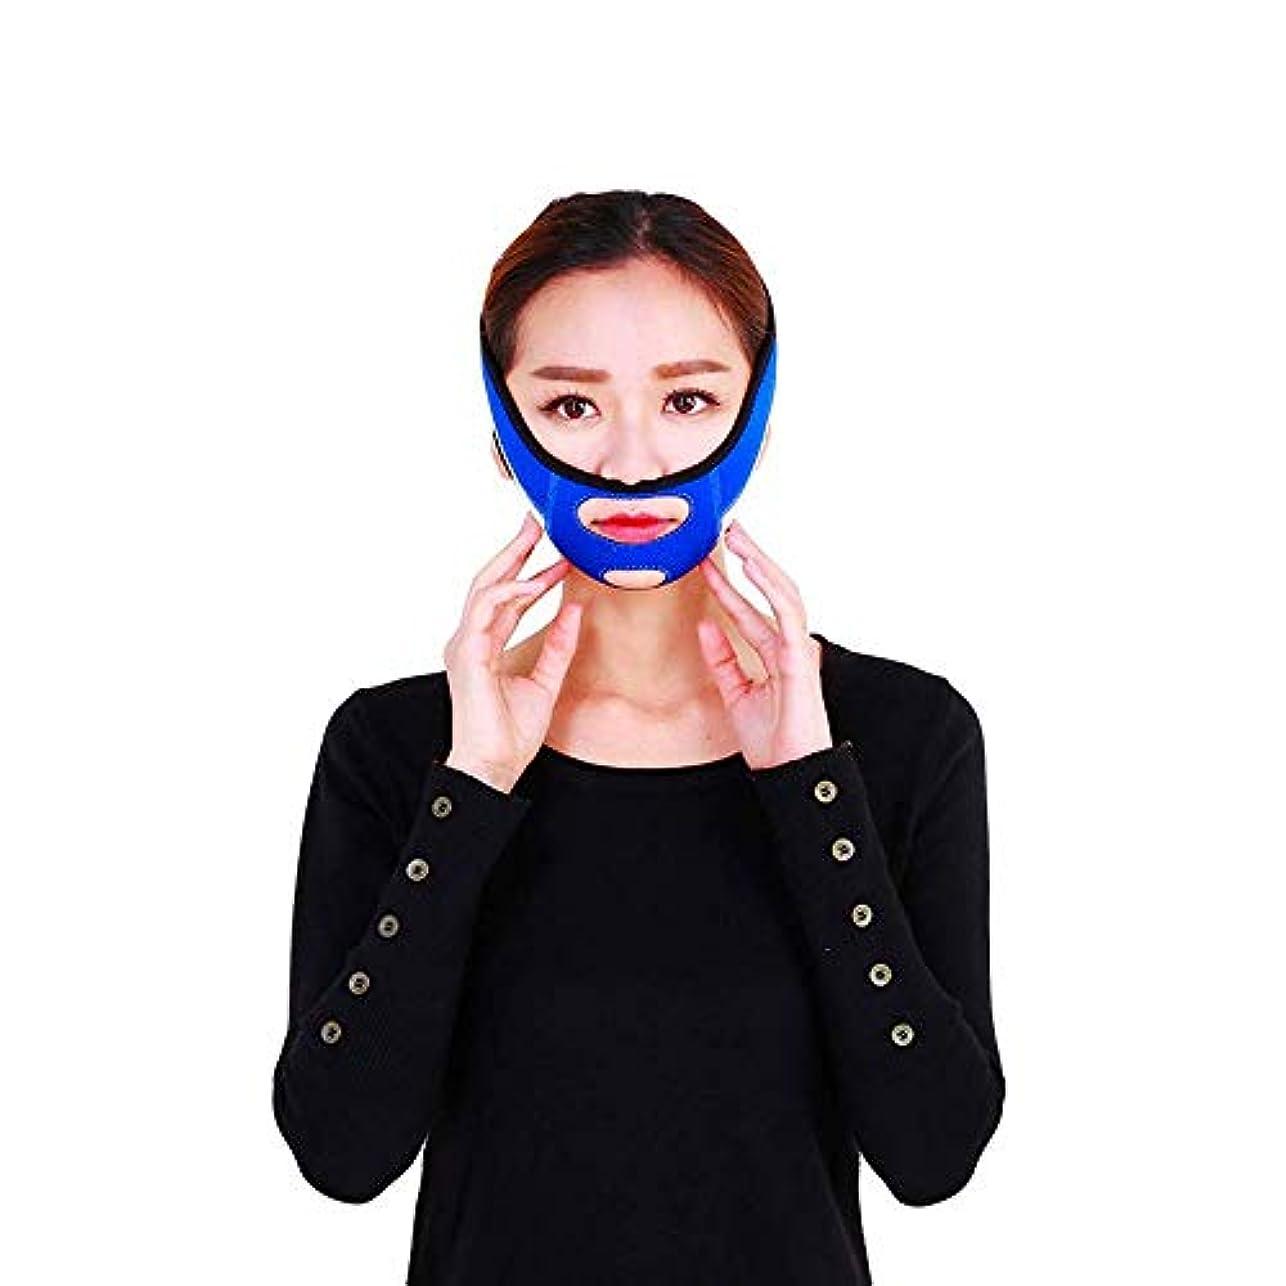 酔った数学者補助金二重顎顔面矯正ツールであるフェースシェイプドマスクVfaceアーチファクトを強力に強化する包帯